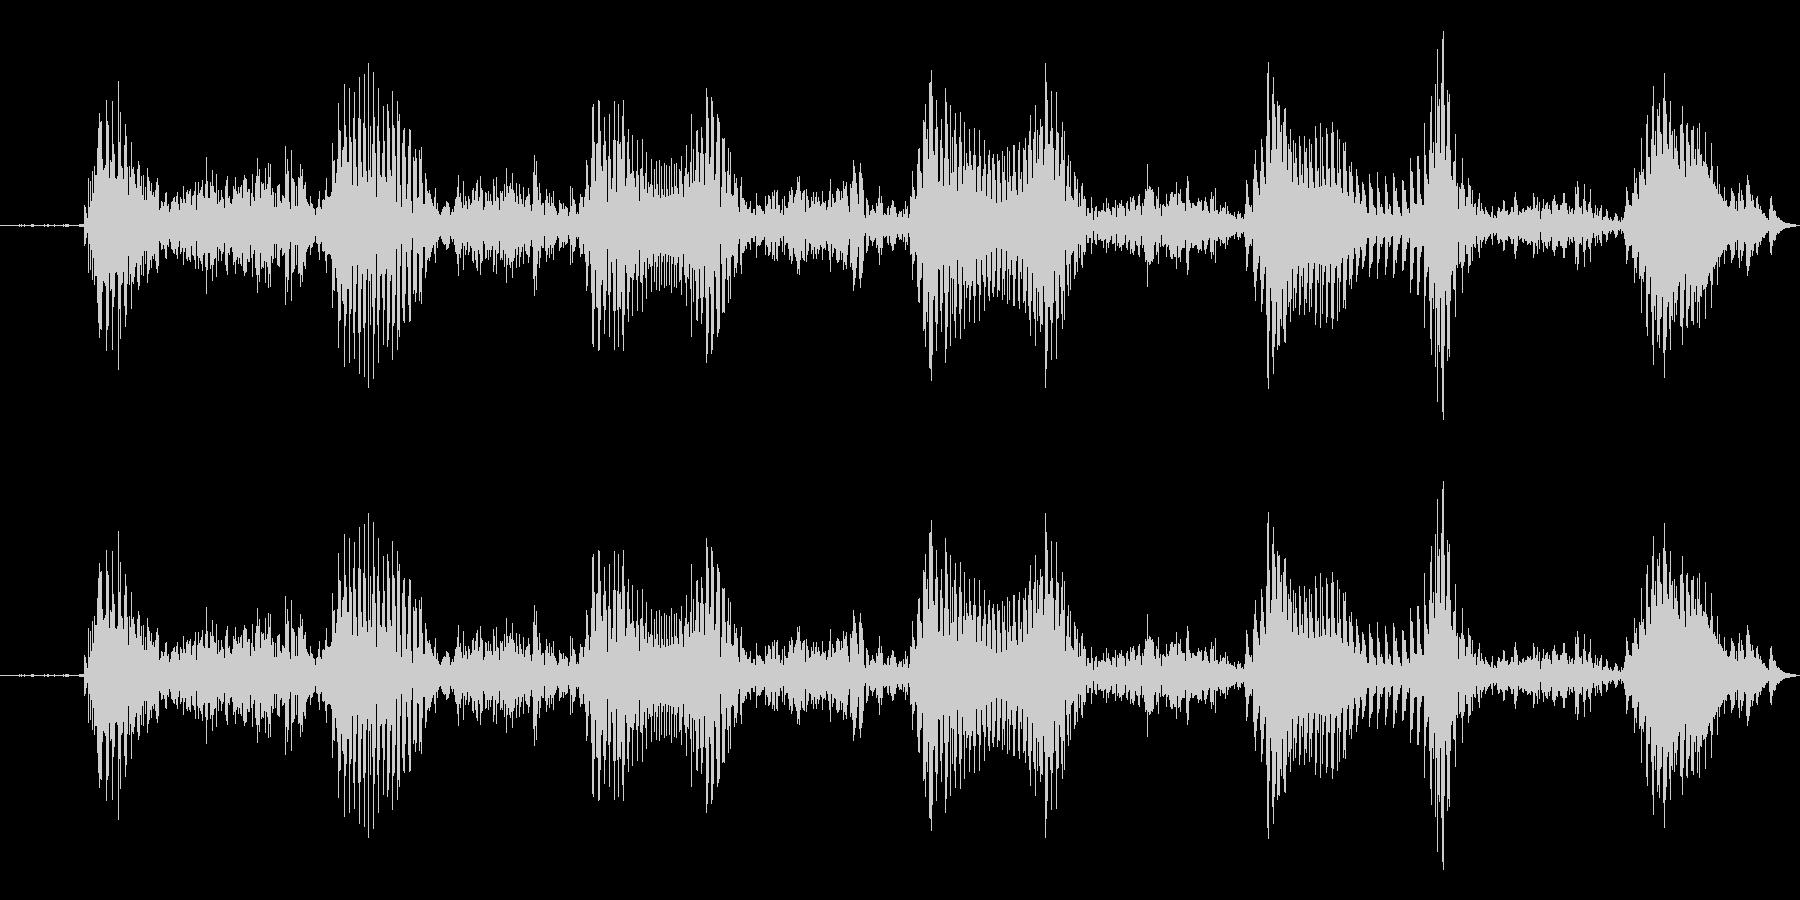 えへへ 幼児(1~2歳)の笑い声の未再生の波形